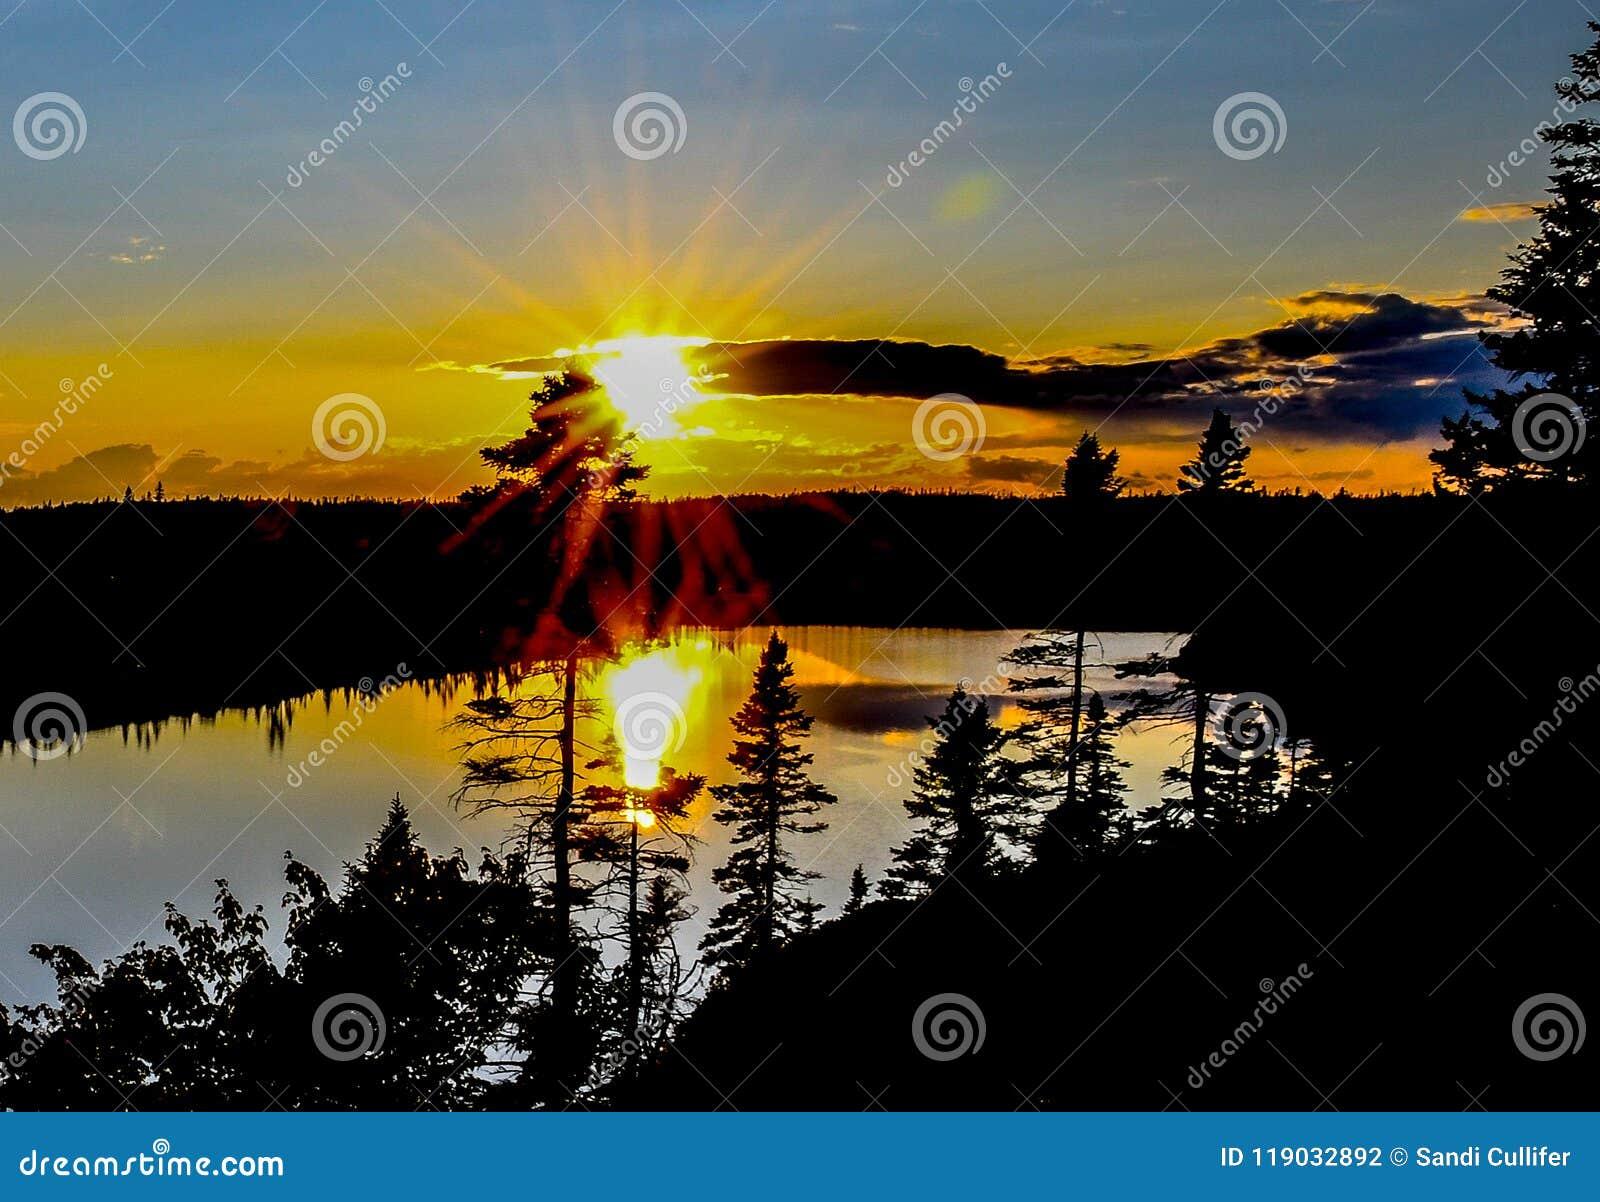 Απεικόνιση των ηλιαχτίδων στη μεγάλη λίμνη